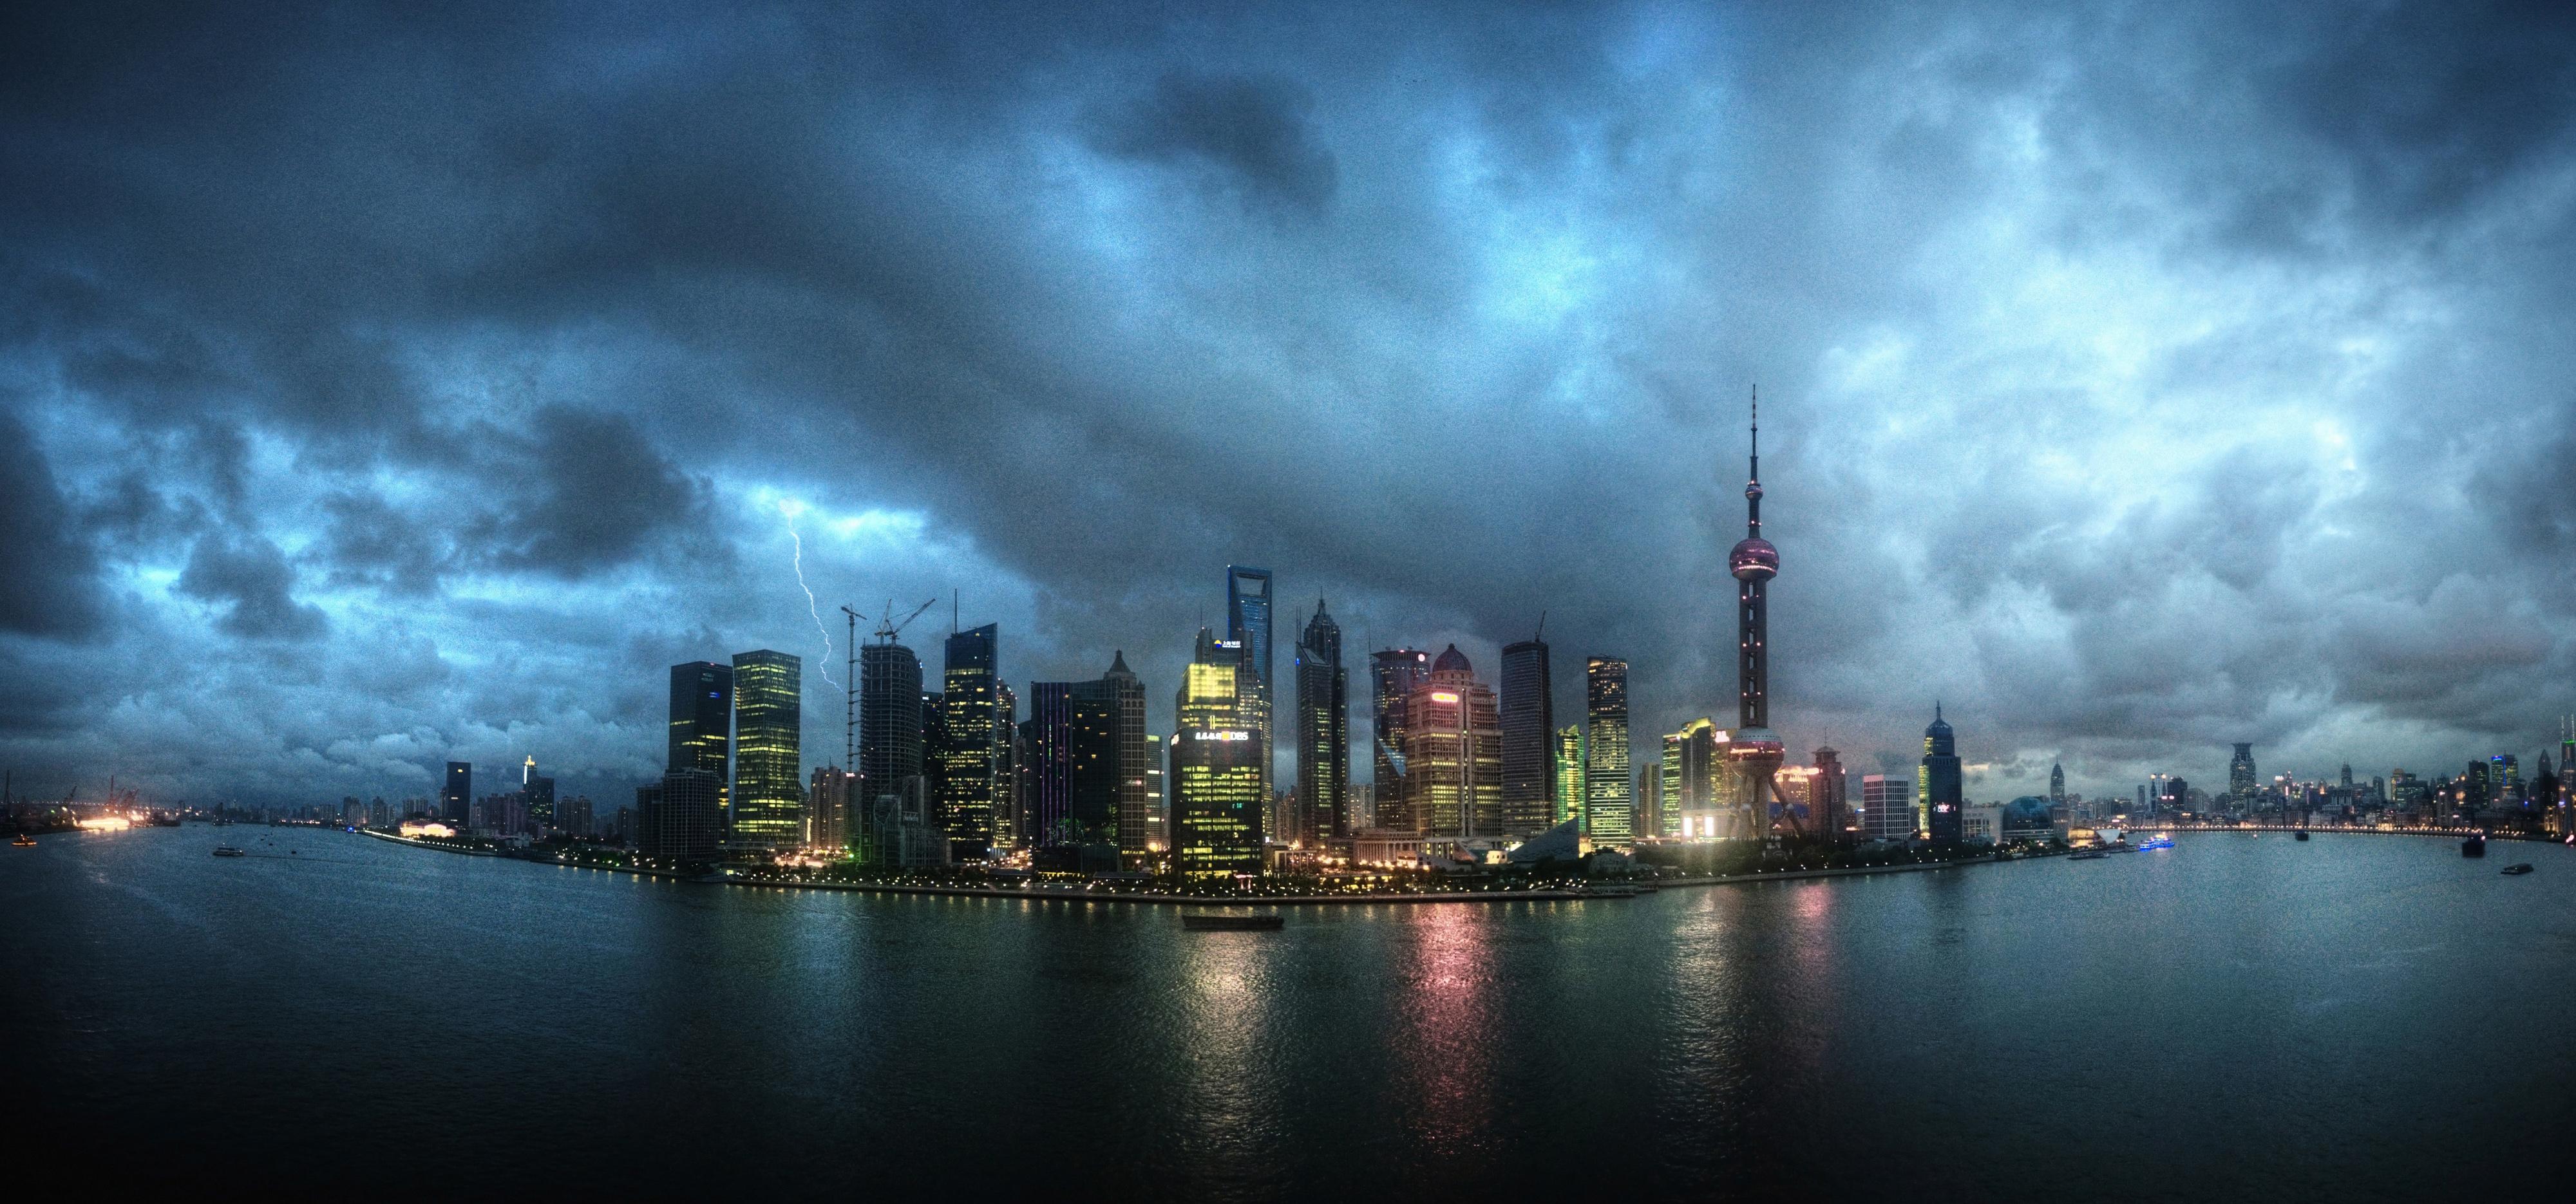 Çin milyarder sayısında ABD'yi geçti